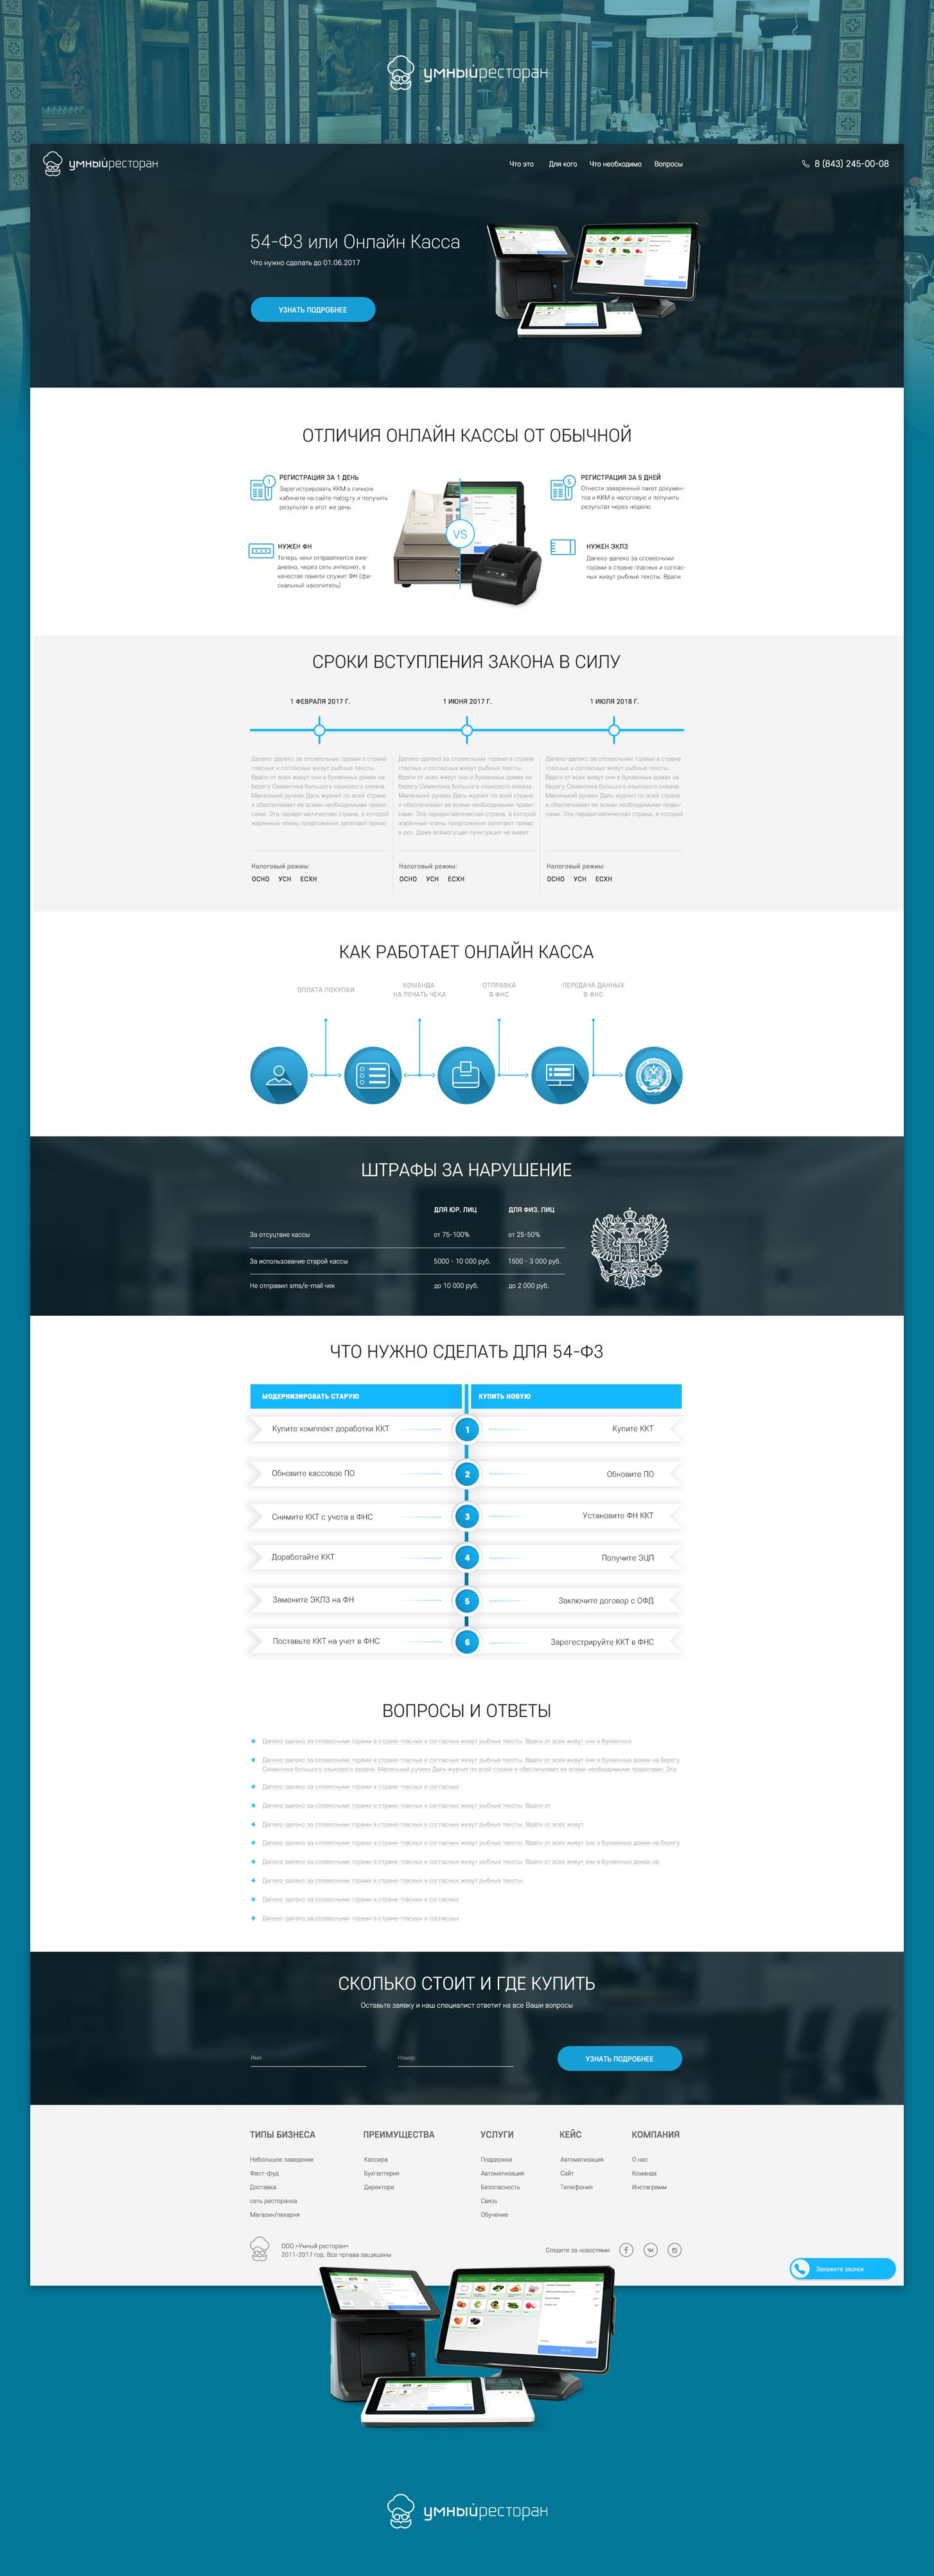 Дизайн сайта - Умный ресторан